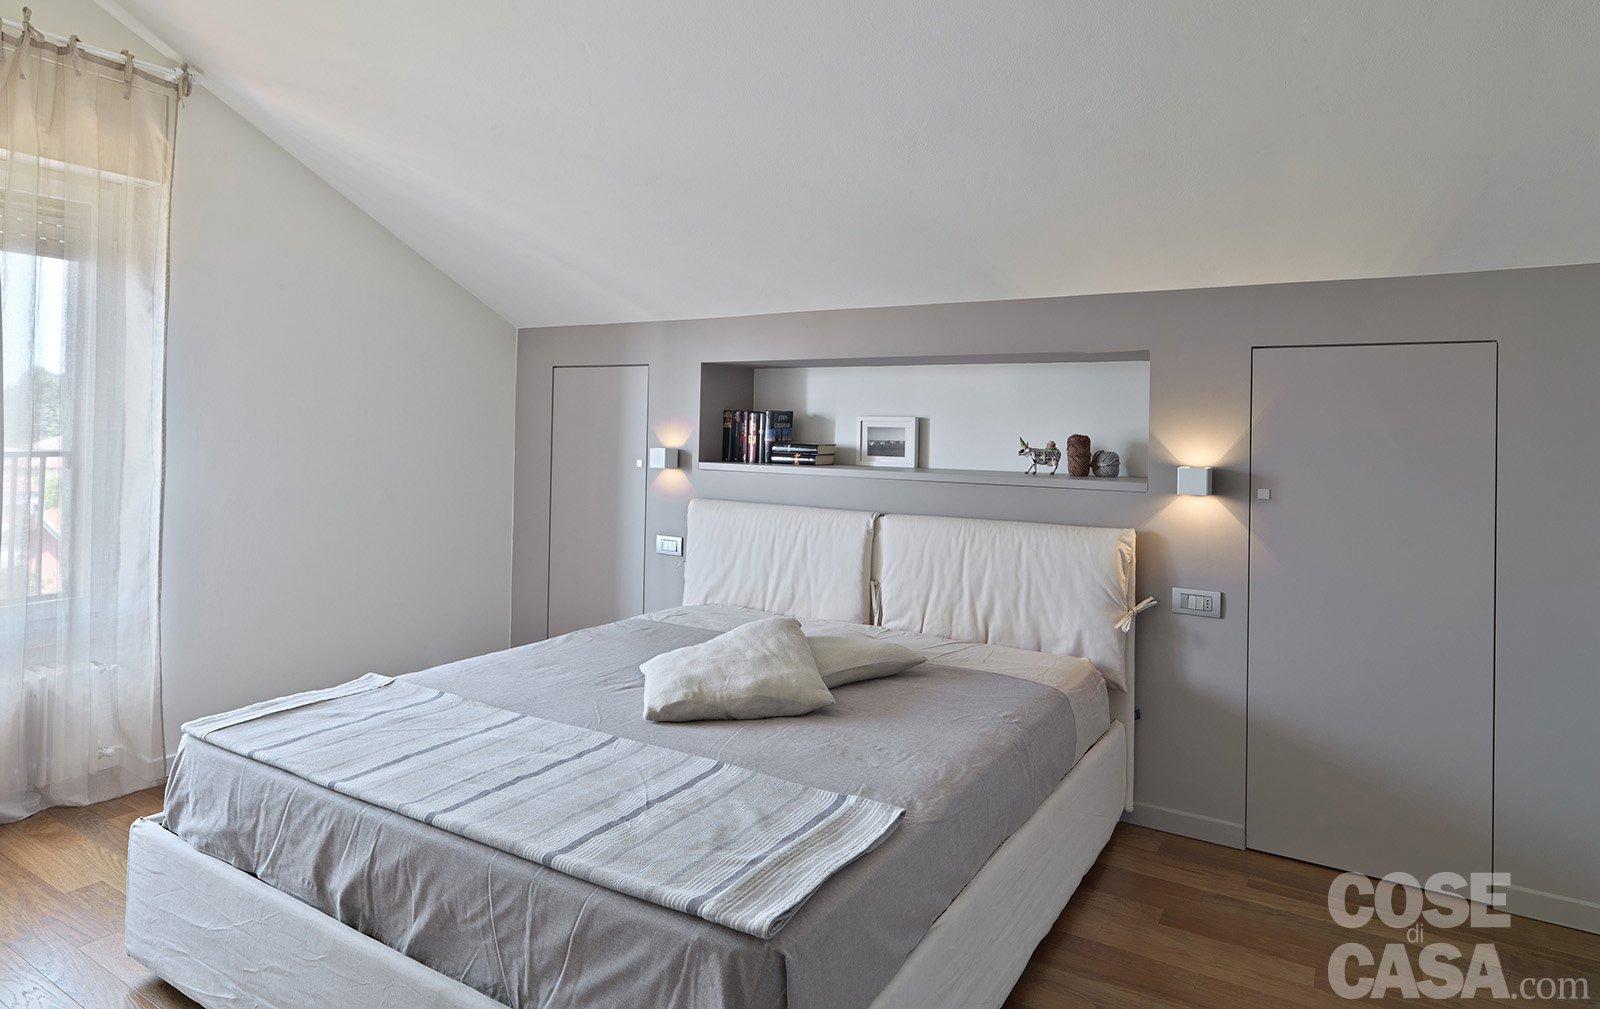 Vivere in mansarda nuovo look per la casa sottotetto for Camera da letto matrimoniale in mansarda